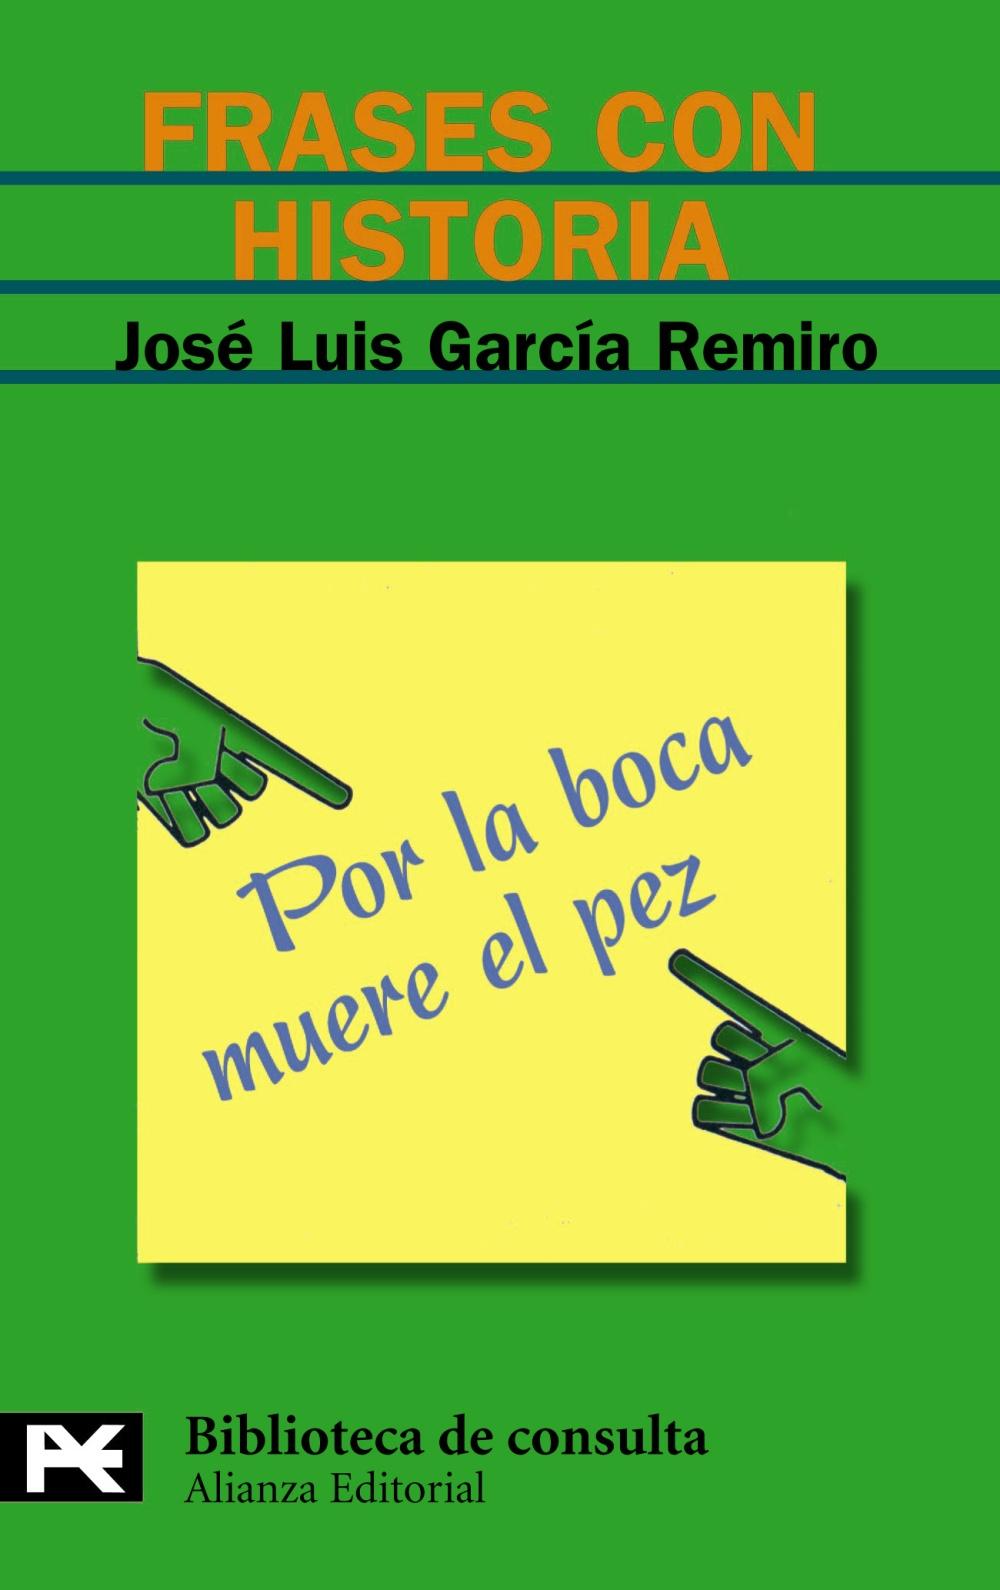 Frases Con Historia Alianza Editorial